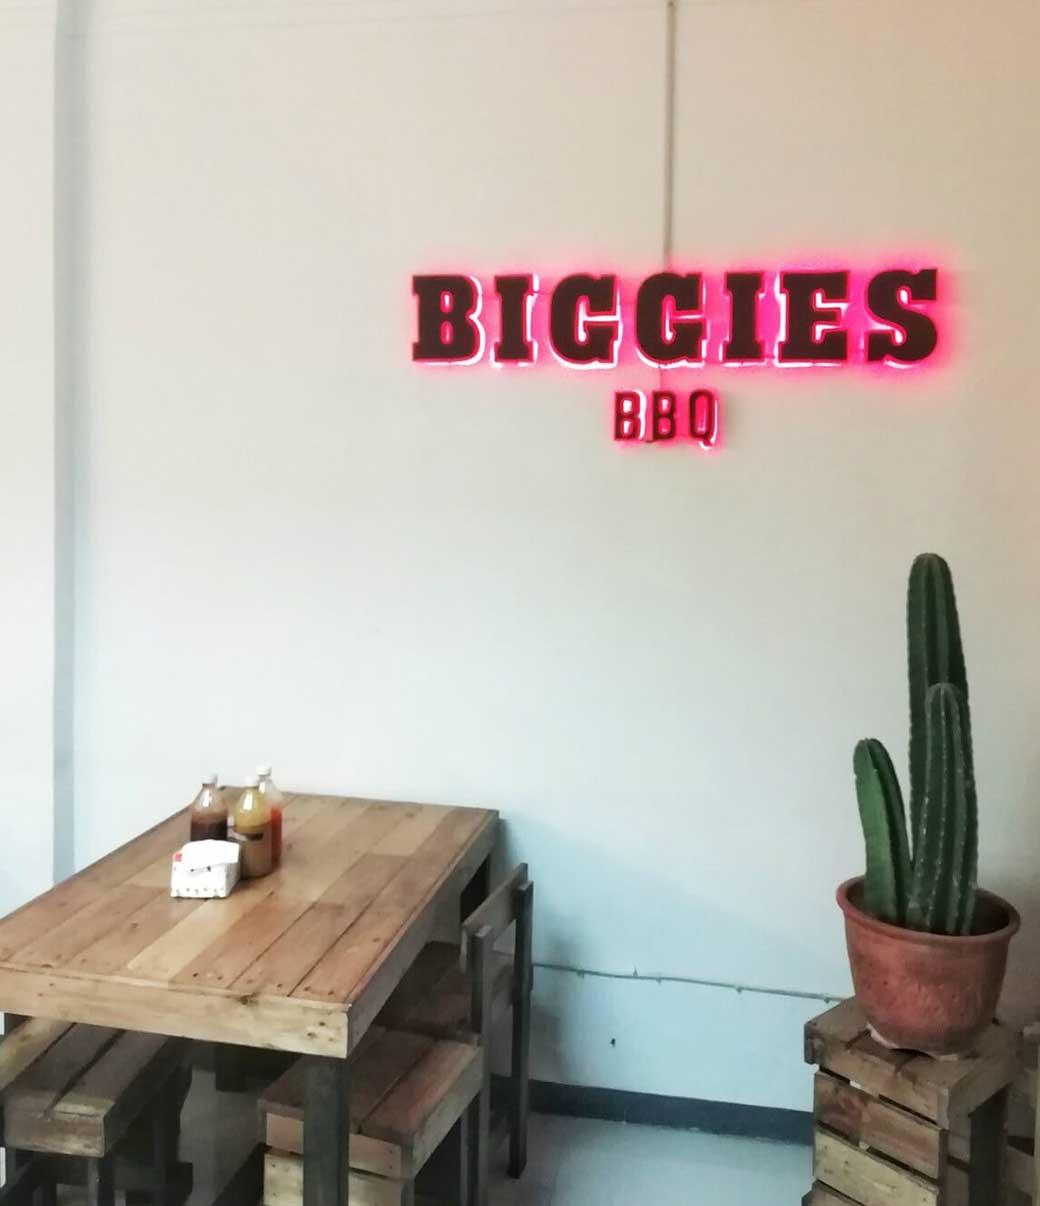 Smoked-Brisket-dan-Burger-Enak-di-Biggies-BBQ-Dekat-MRT-Cipete-instagramable